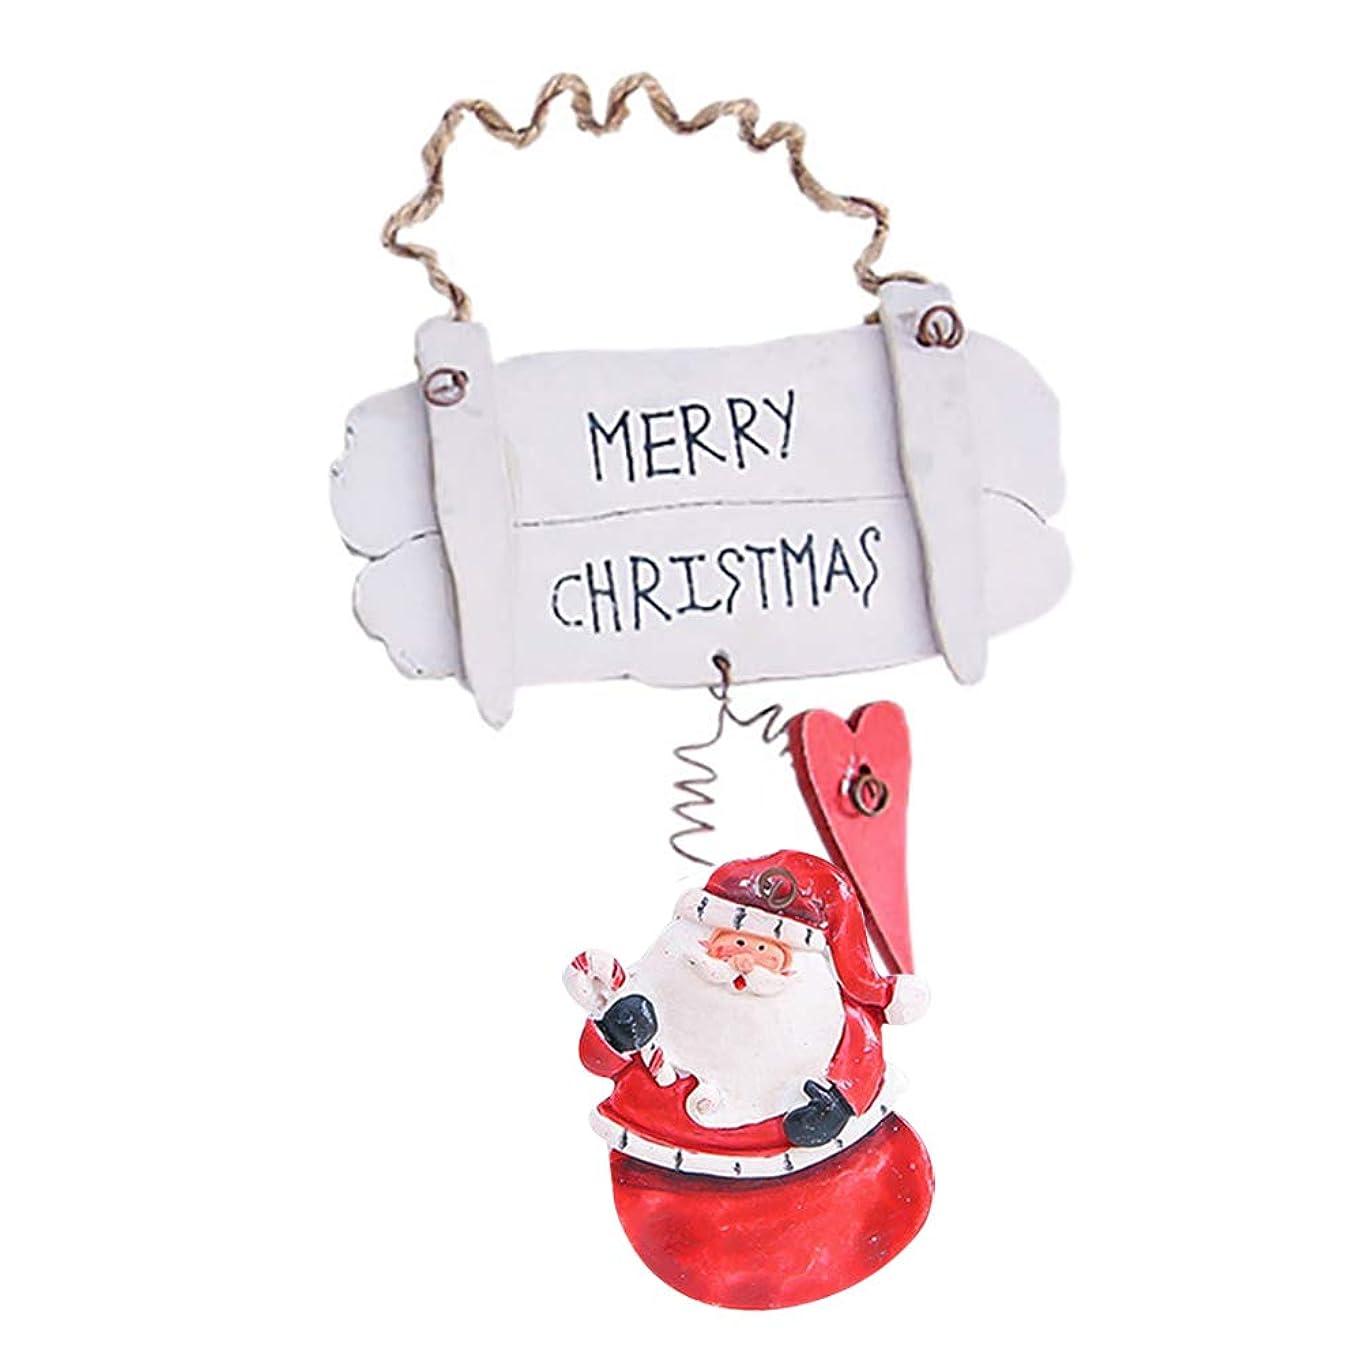 救いショットカウントアップMessagee クリスマスペンダント サンタクロース ほうろうびき製装飾品 クリスマスグッズ クリスマス吊るす 吊るす飾り クリスマスツリー飾り 吊り下げ式 壁飾り 小物 道具 パーティー用 家庭用